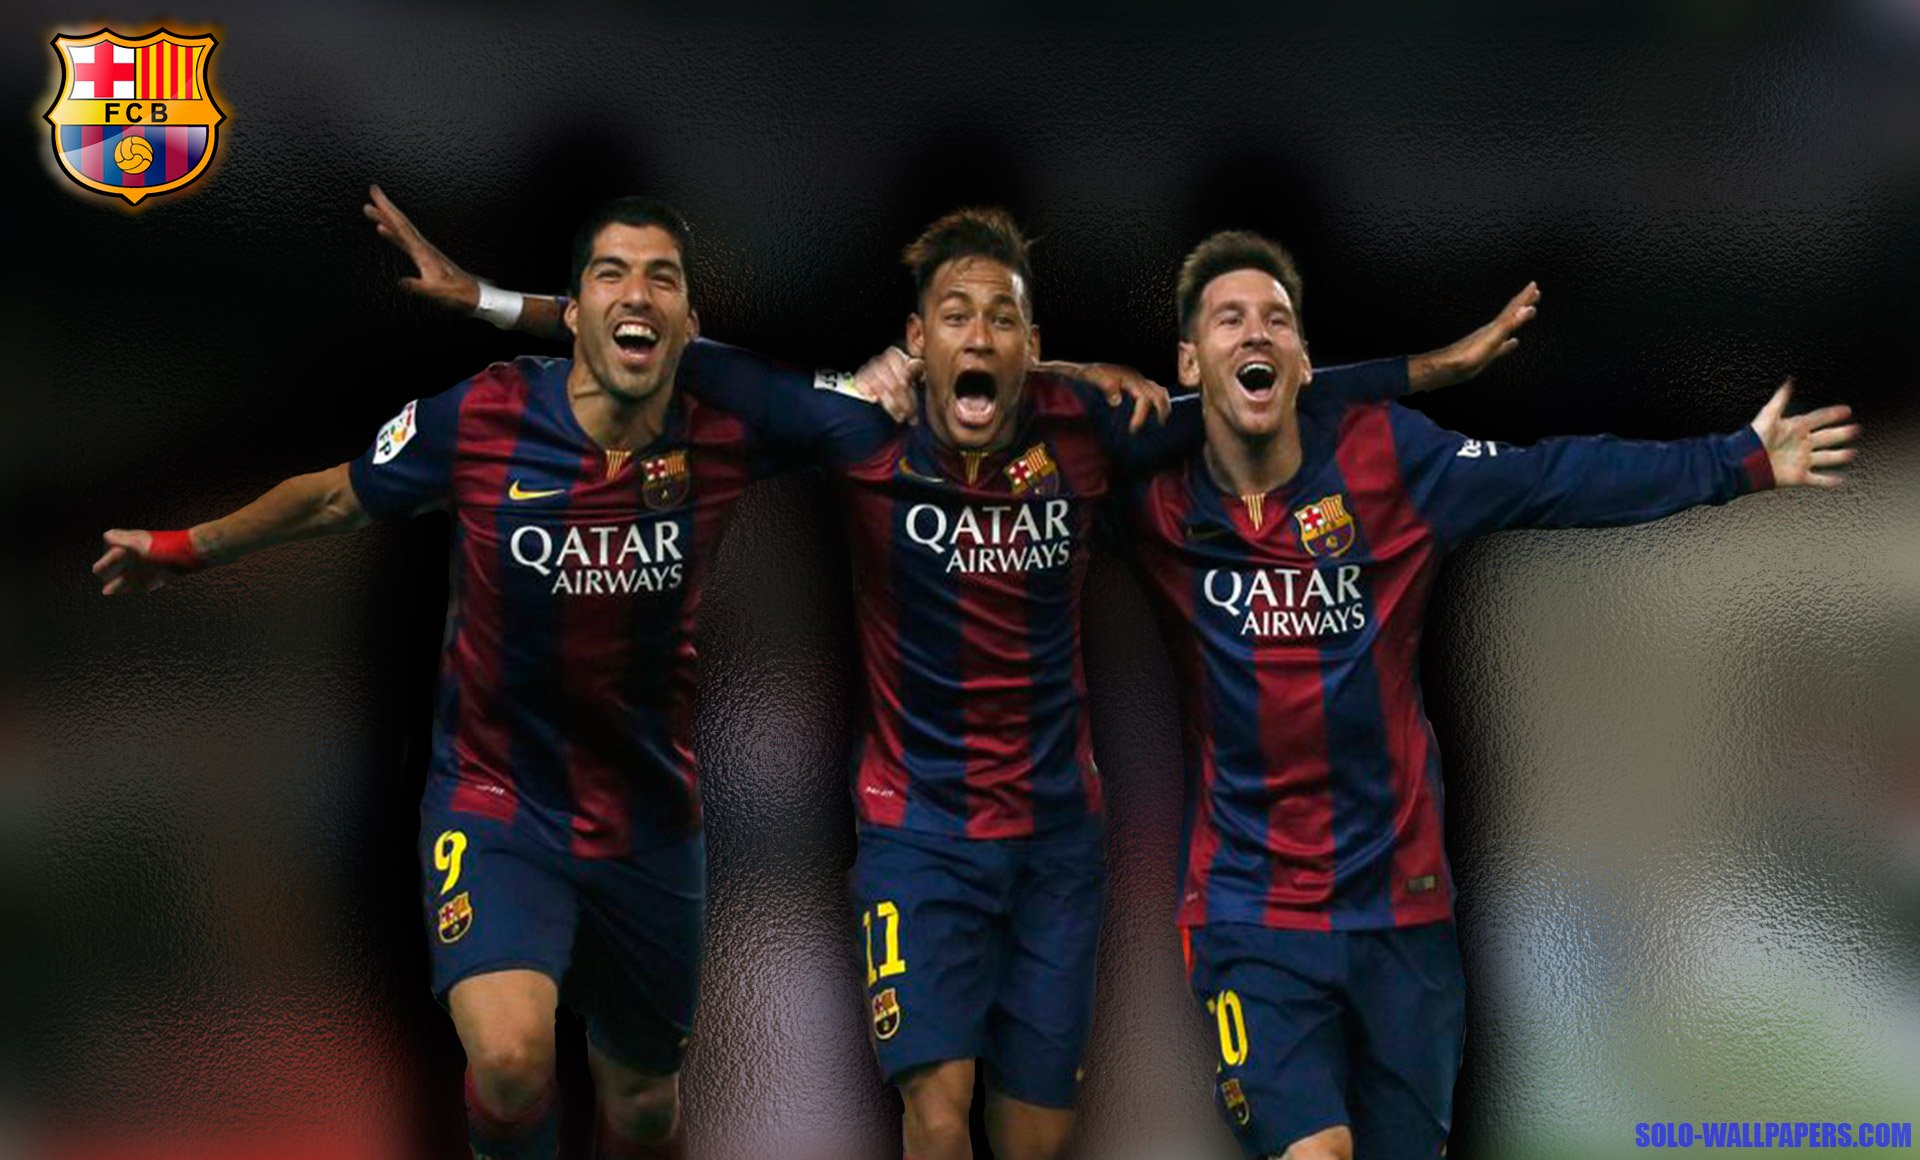 escritorio Messi Neymar y Surezwallpaper Messi Neymar y Surez 1920x1160